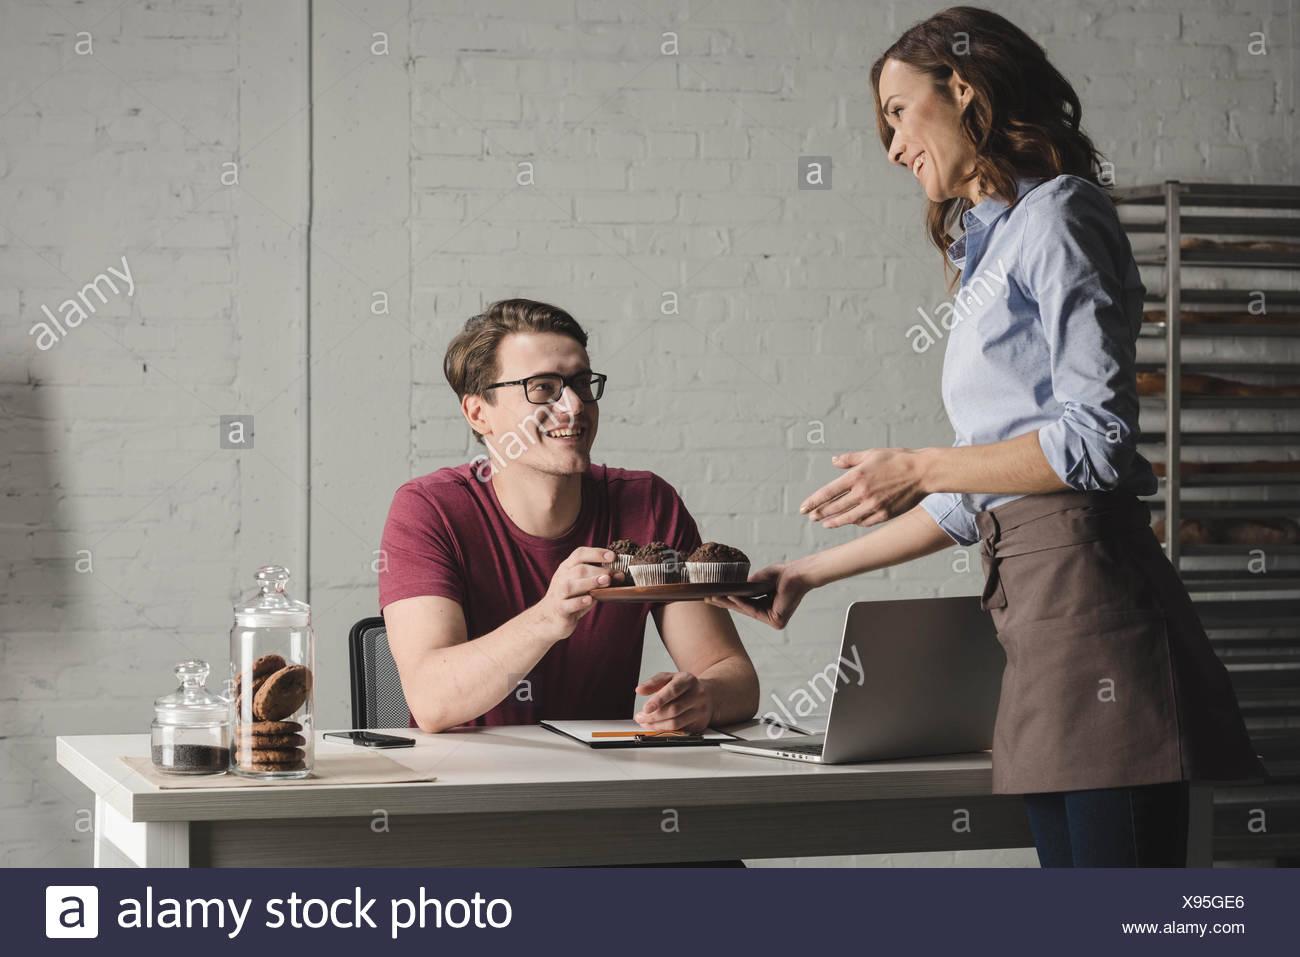 Examinando los panaderos pastelería Foto de stock